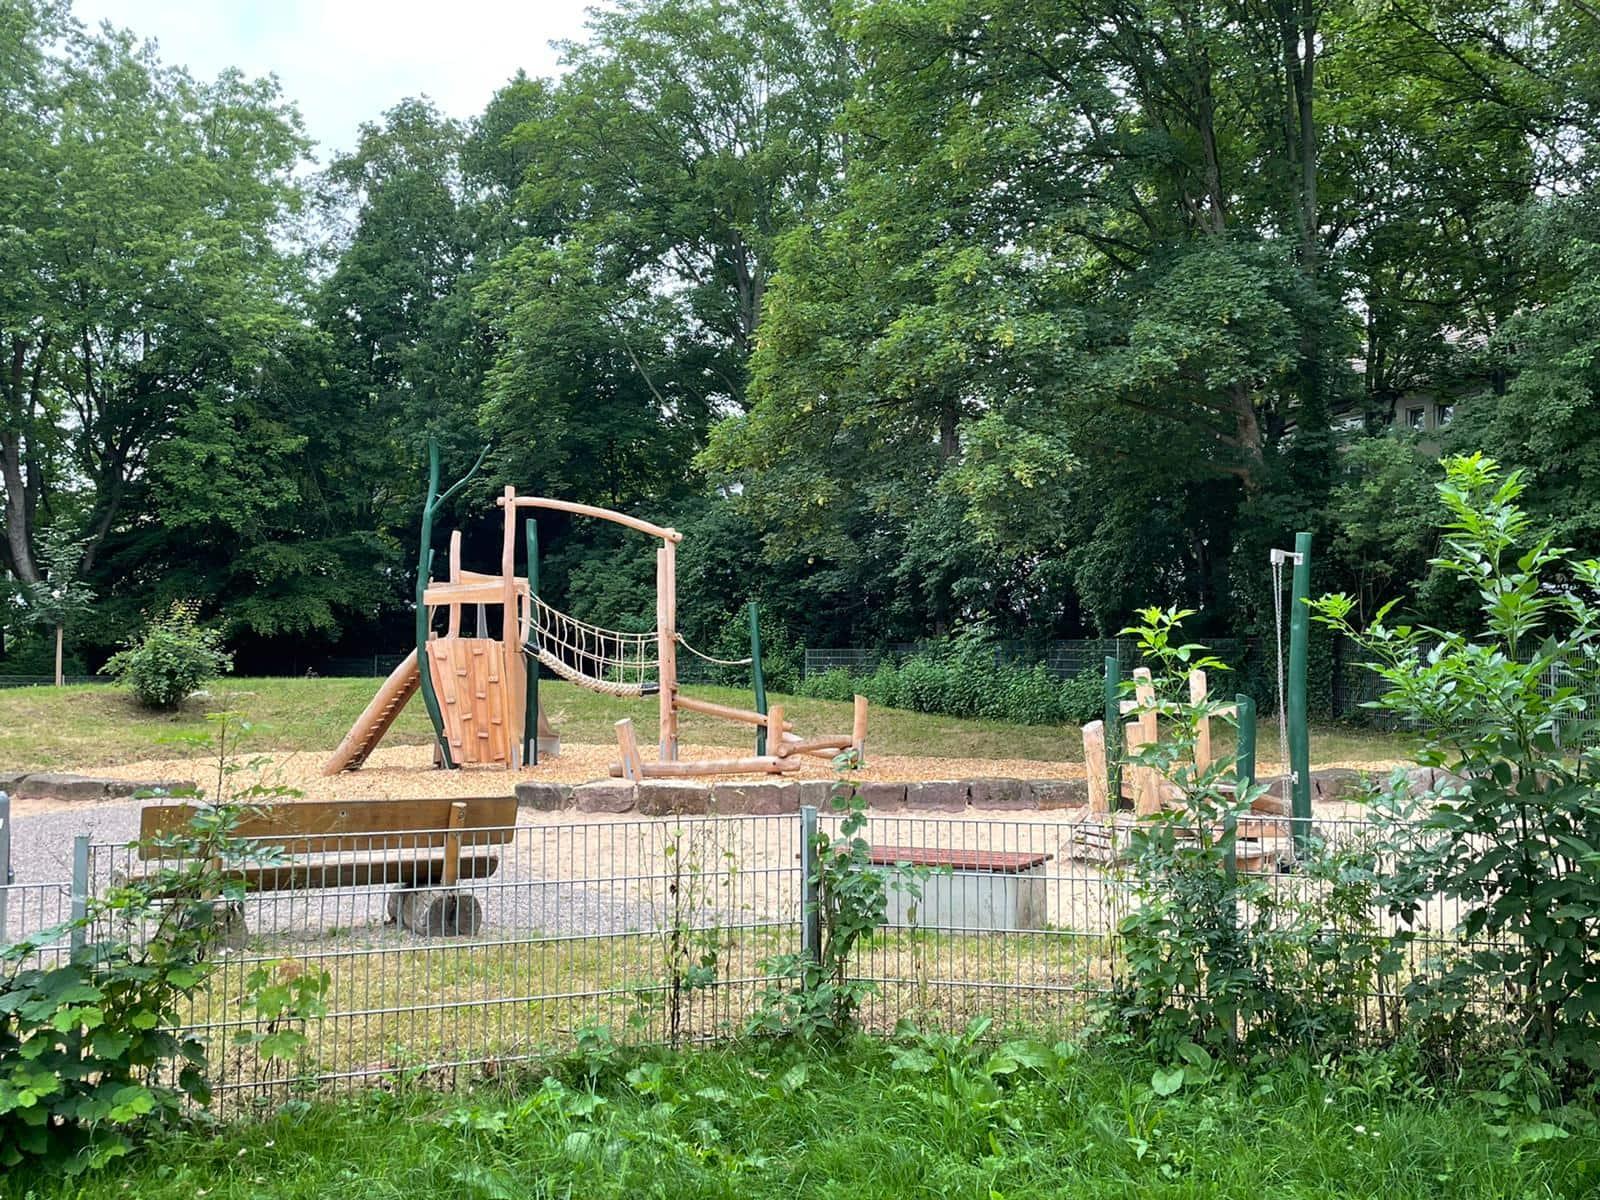 Spiel- und Bolzplatz am Oleanderweg in Bochum-Werne